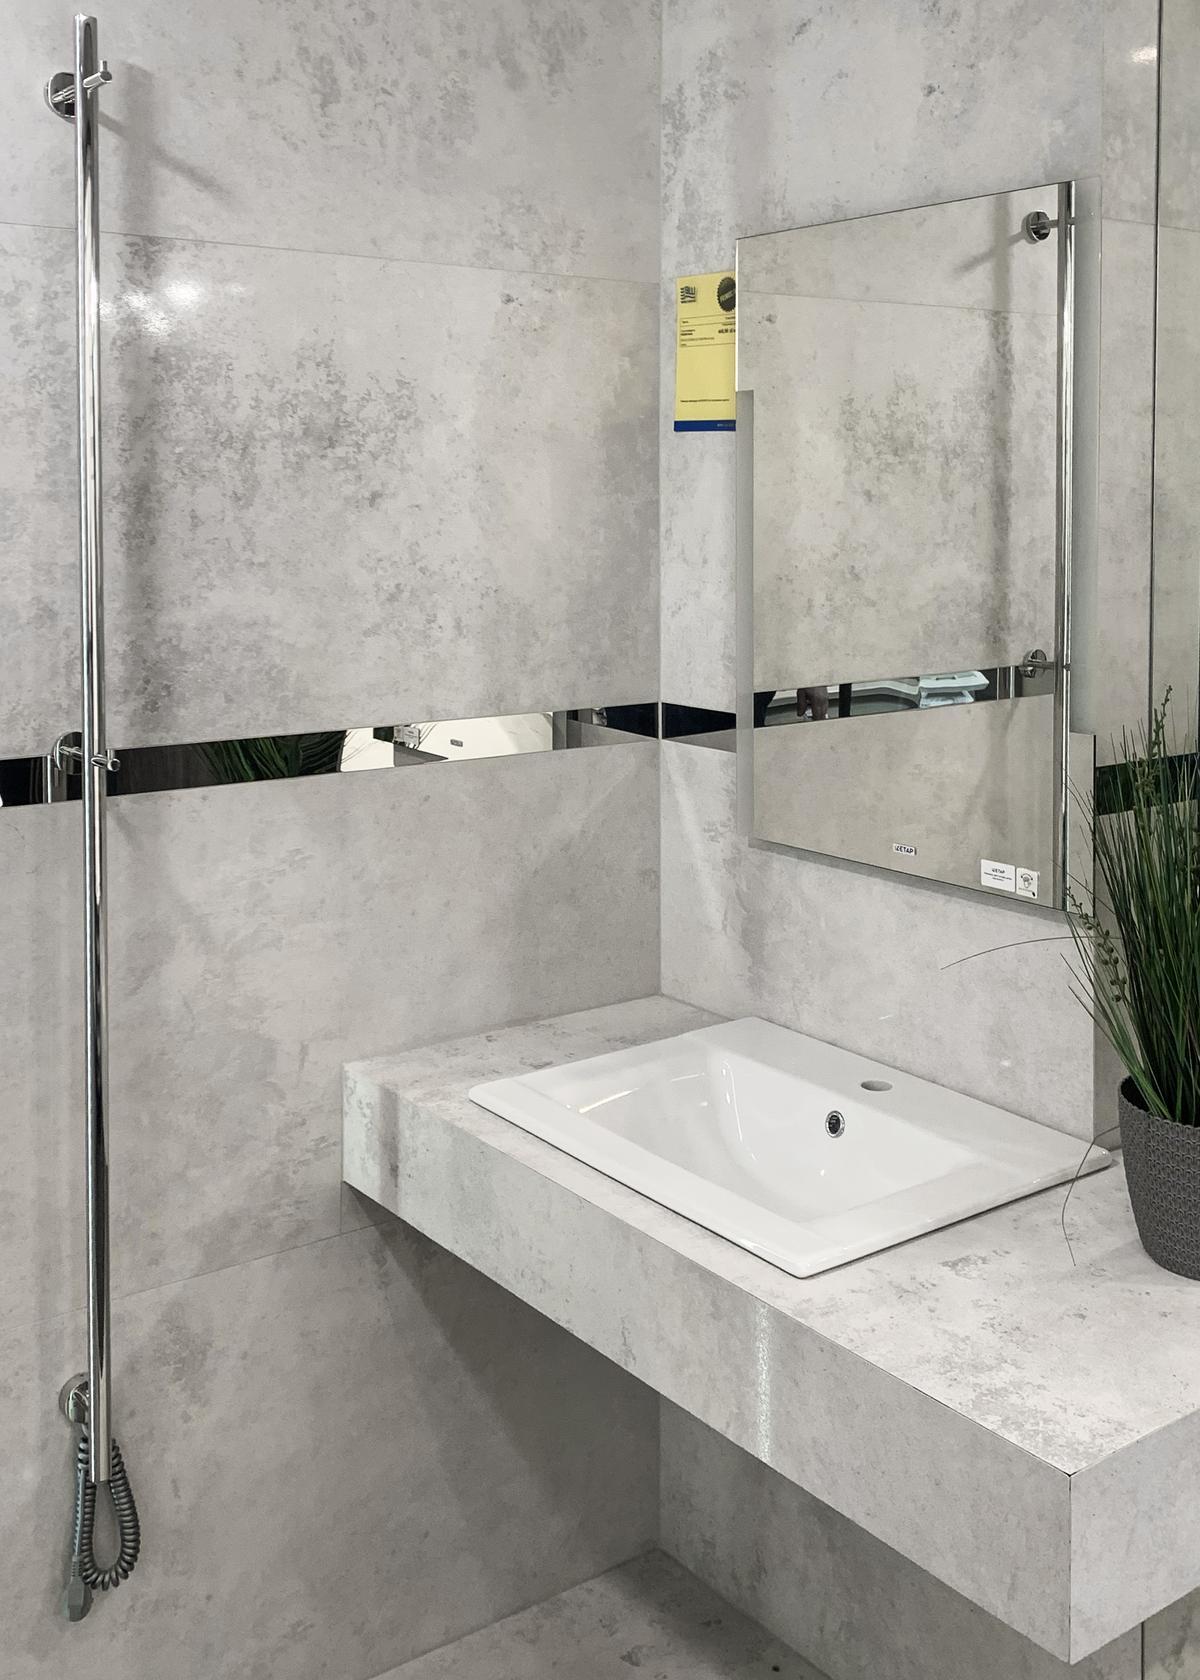 Strefa umywalkowa z szarą płytką w BLU Olsztyn - zdjęcie od BLU salon łazienek Olsztyn